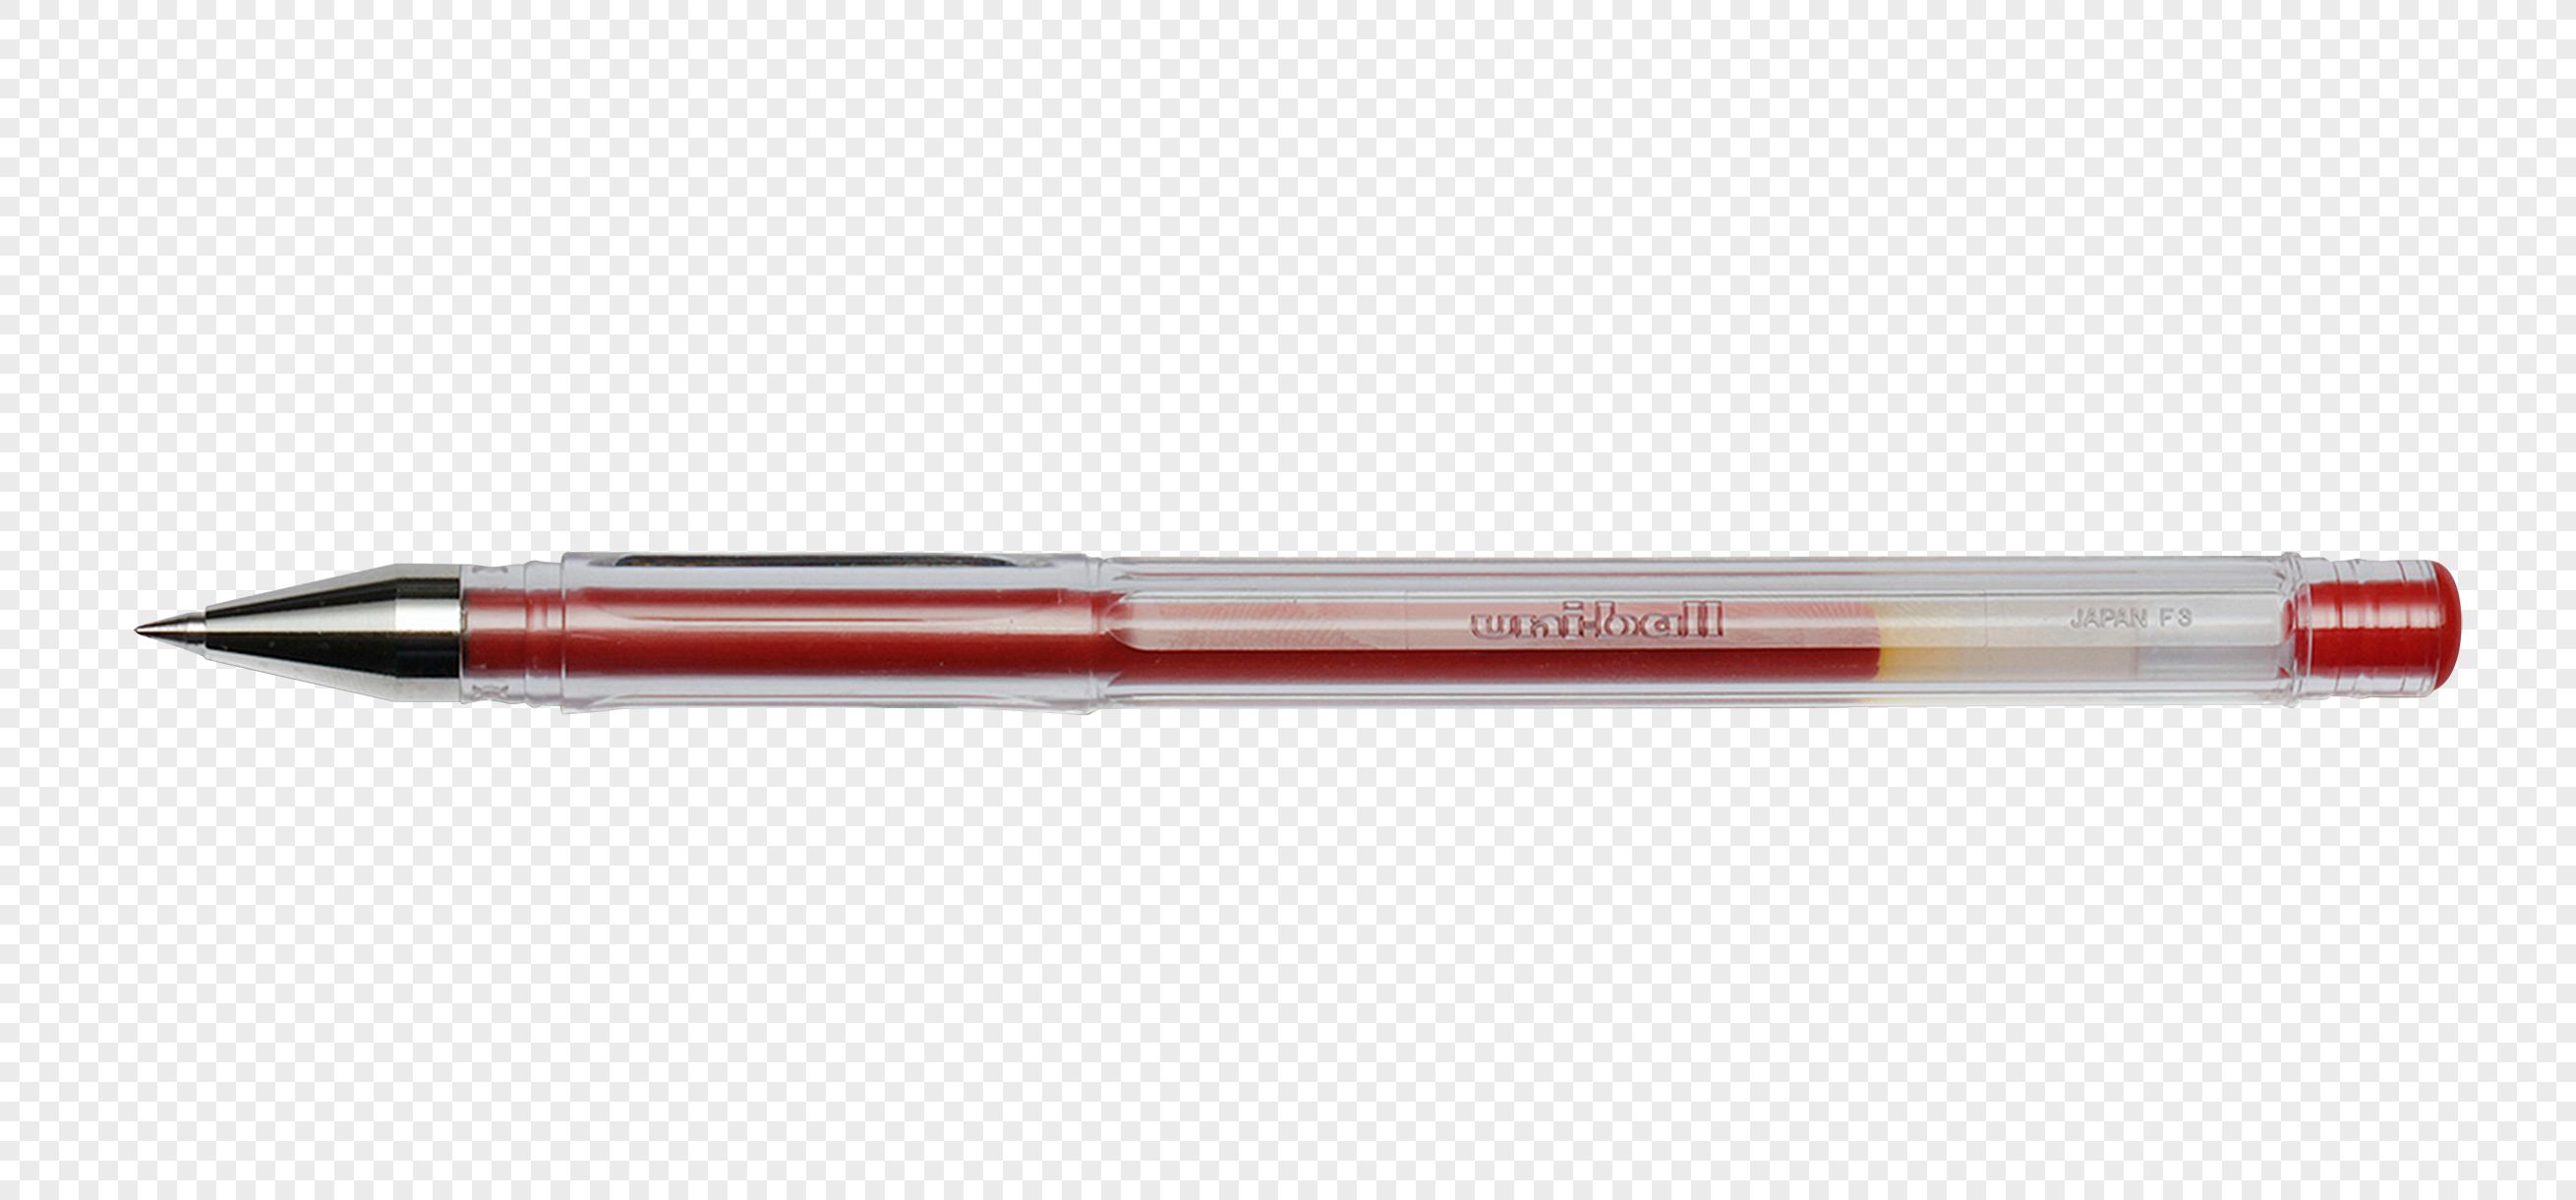 图片 素材 产品实物 圆珠笔 钢笔.